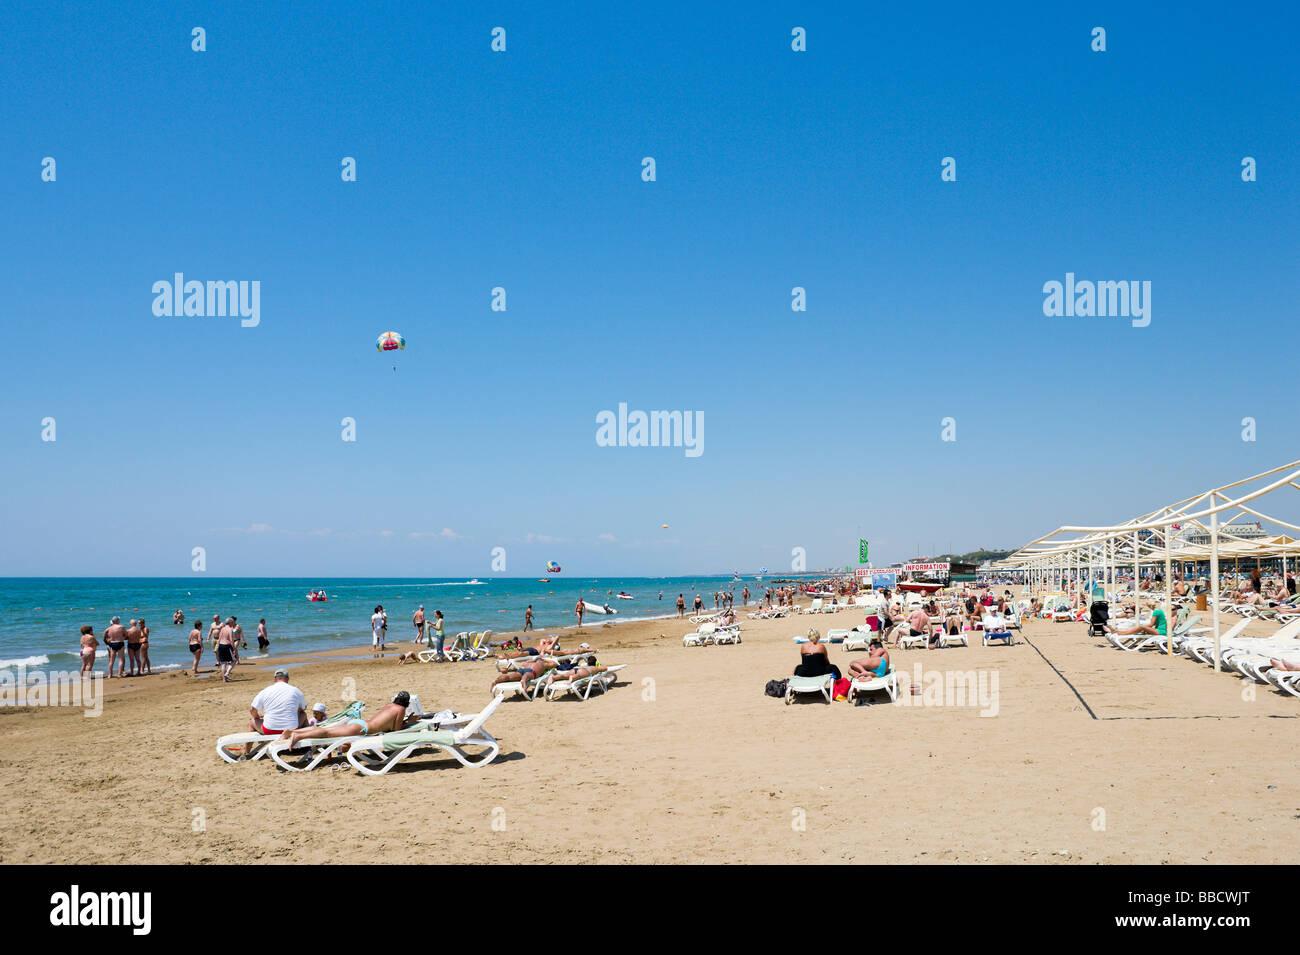 Playa al oeste de lado, Costa Mediterránea, Turquía Imagen De Stock